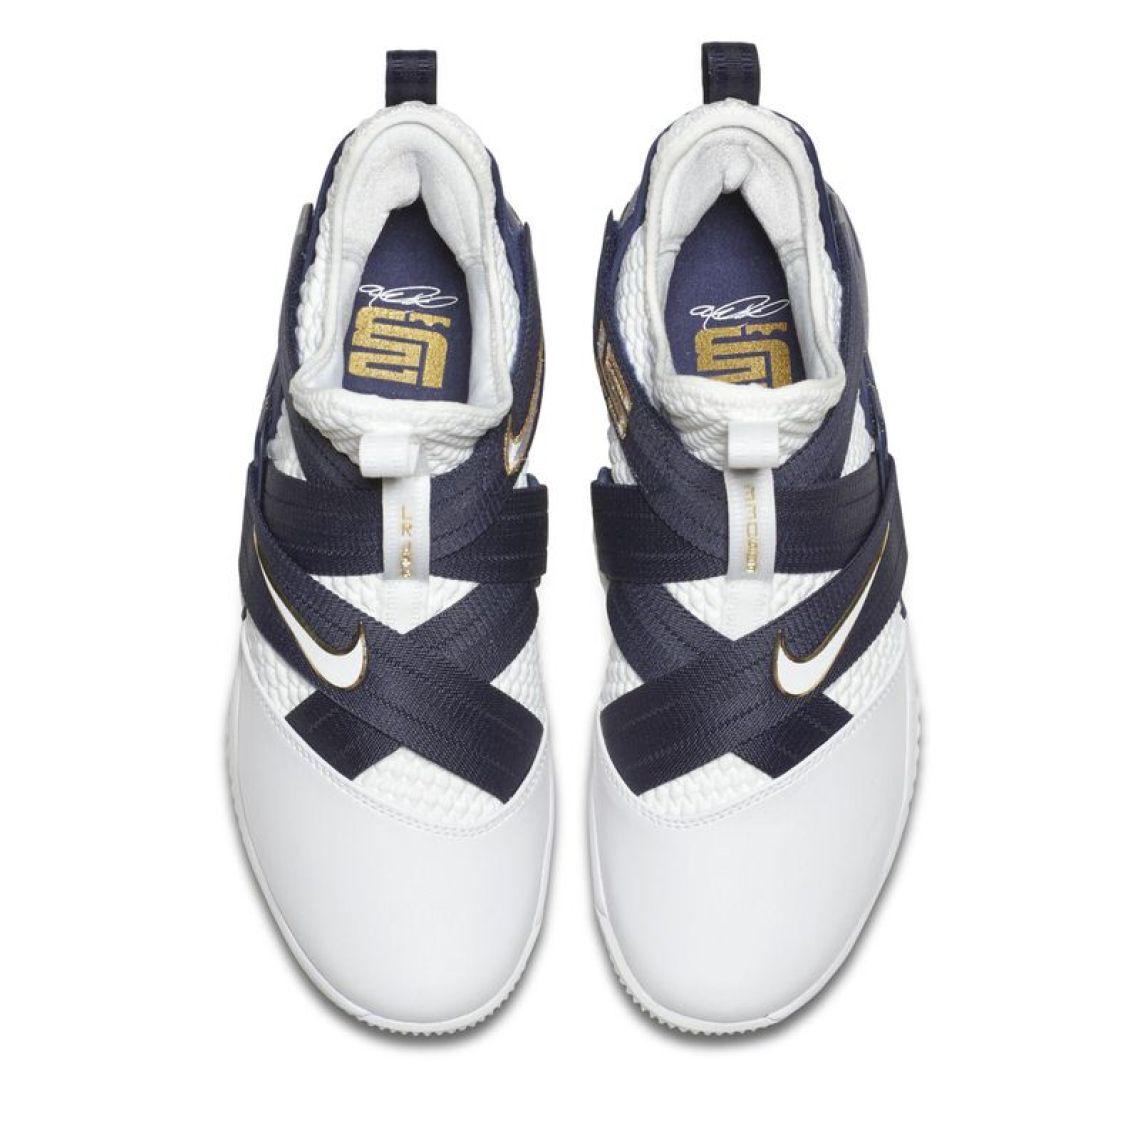 d7d4184a103 Nike LeBron Soldier 12